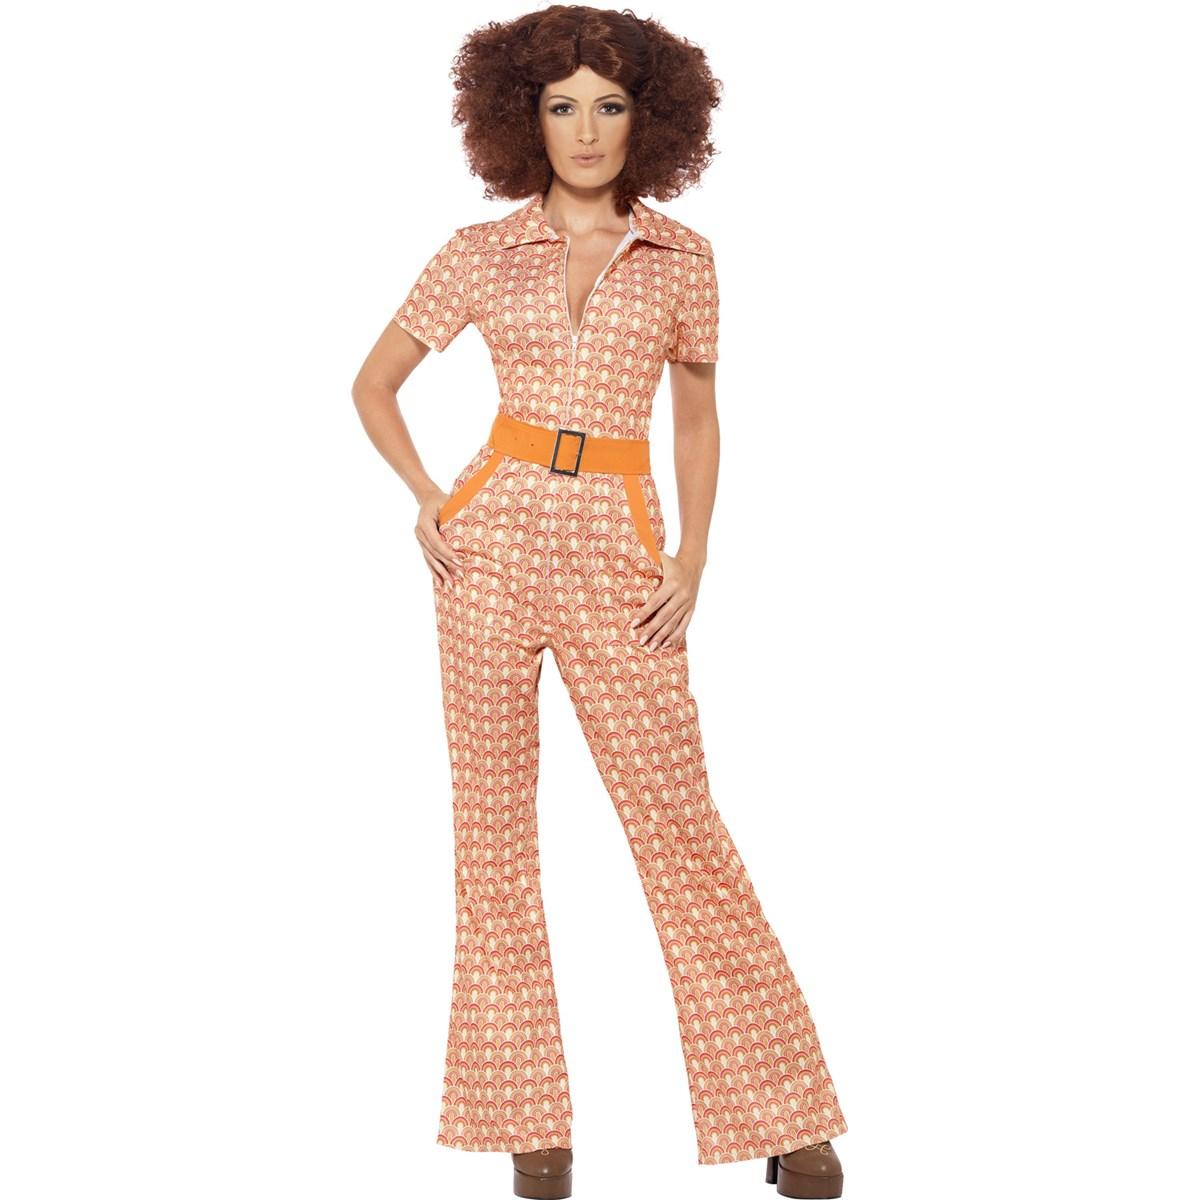 The disco era fashion 99